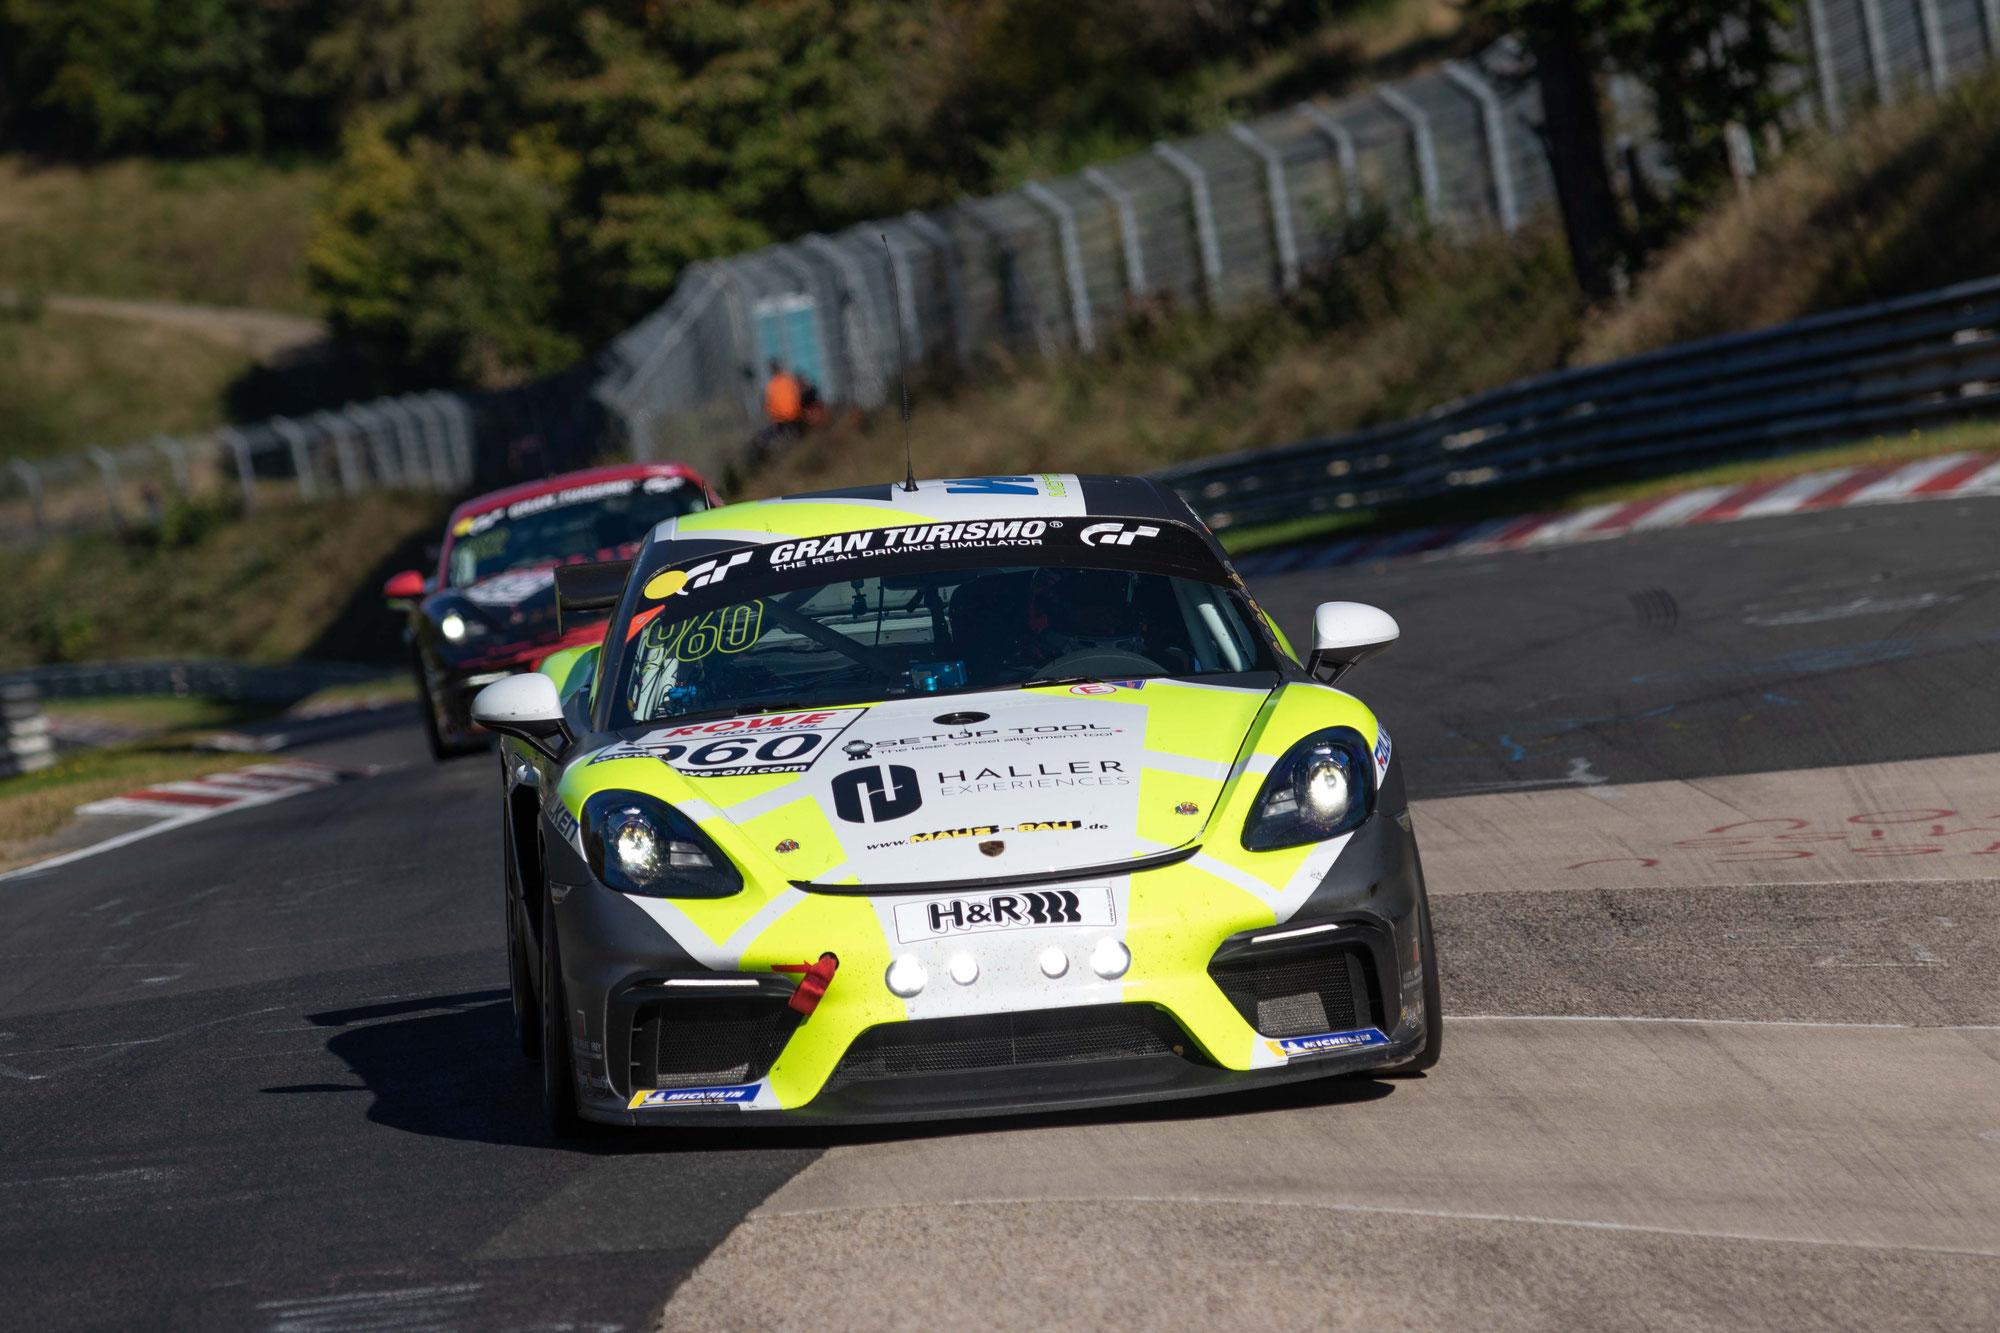 W&S Motorsport wird Vize-Meister der Nürburgring Langstrecken-Serie nach einer Achterbahn der Gefühle